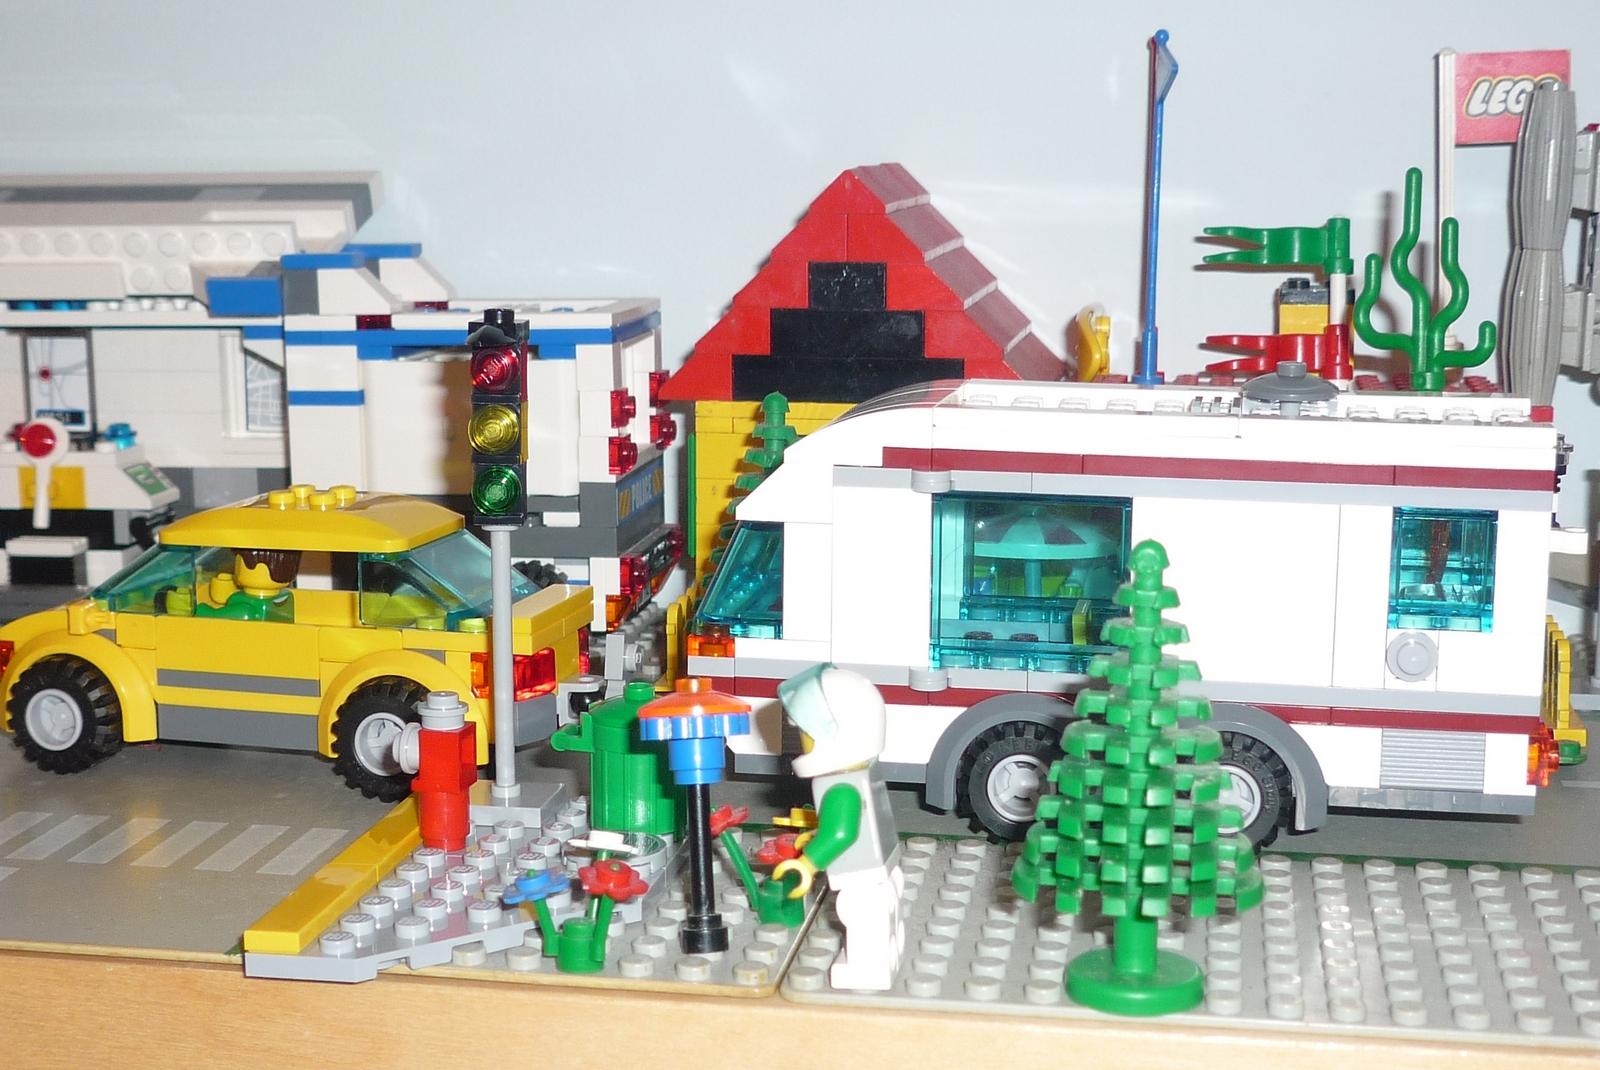 Lego City 4435 Car And Camper I Brick City